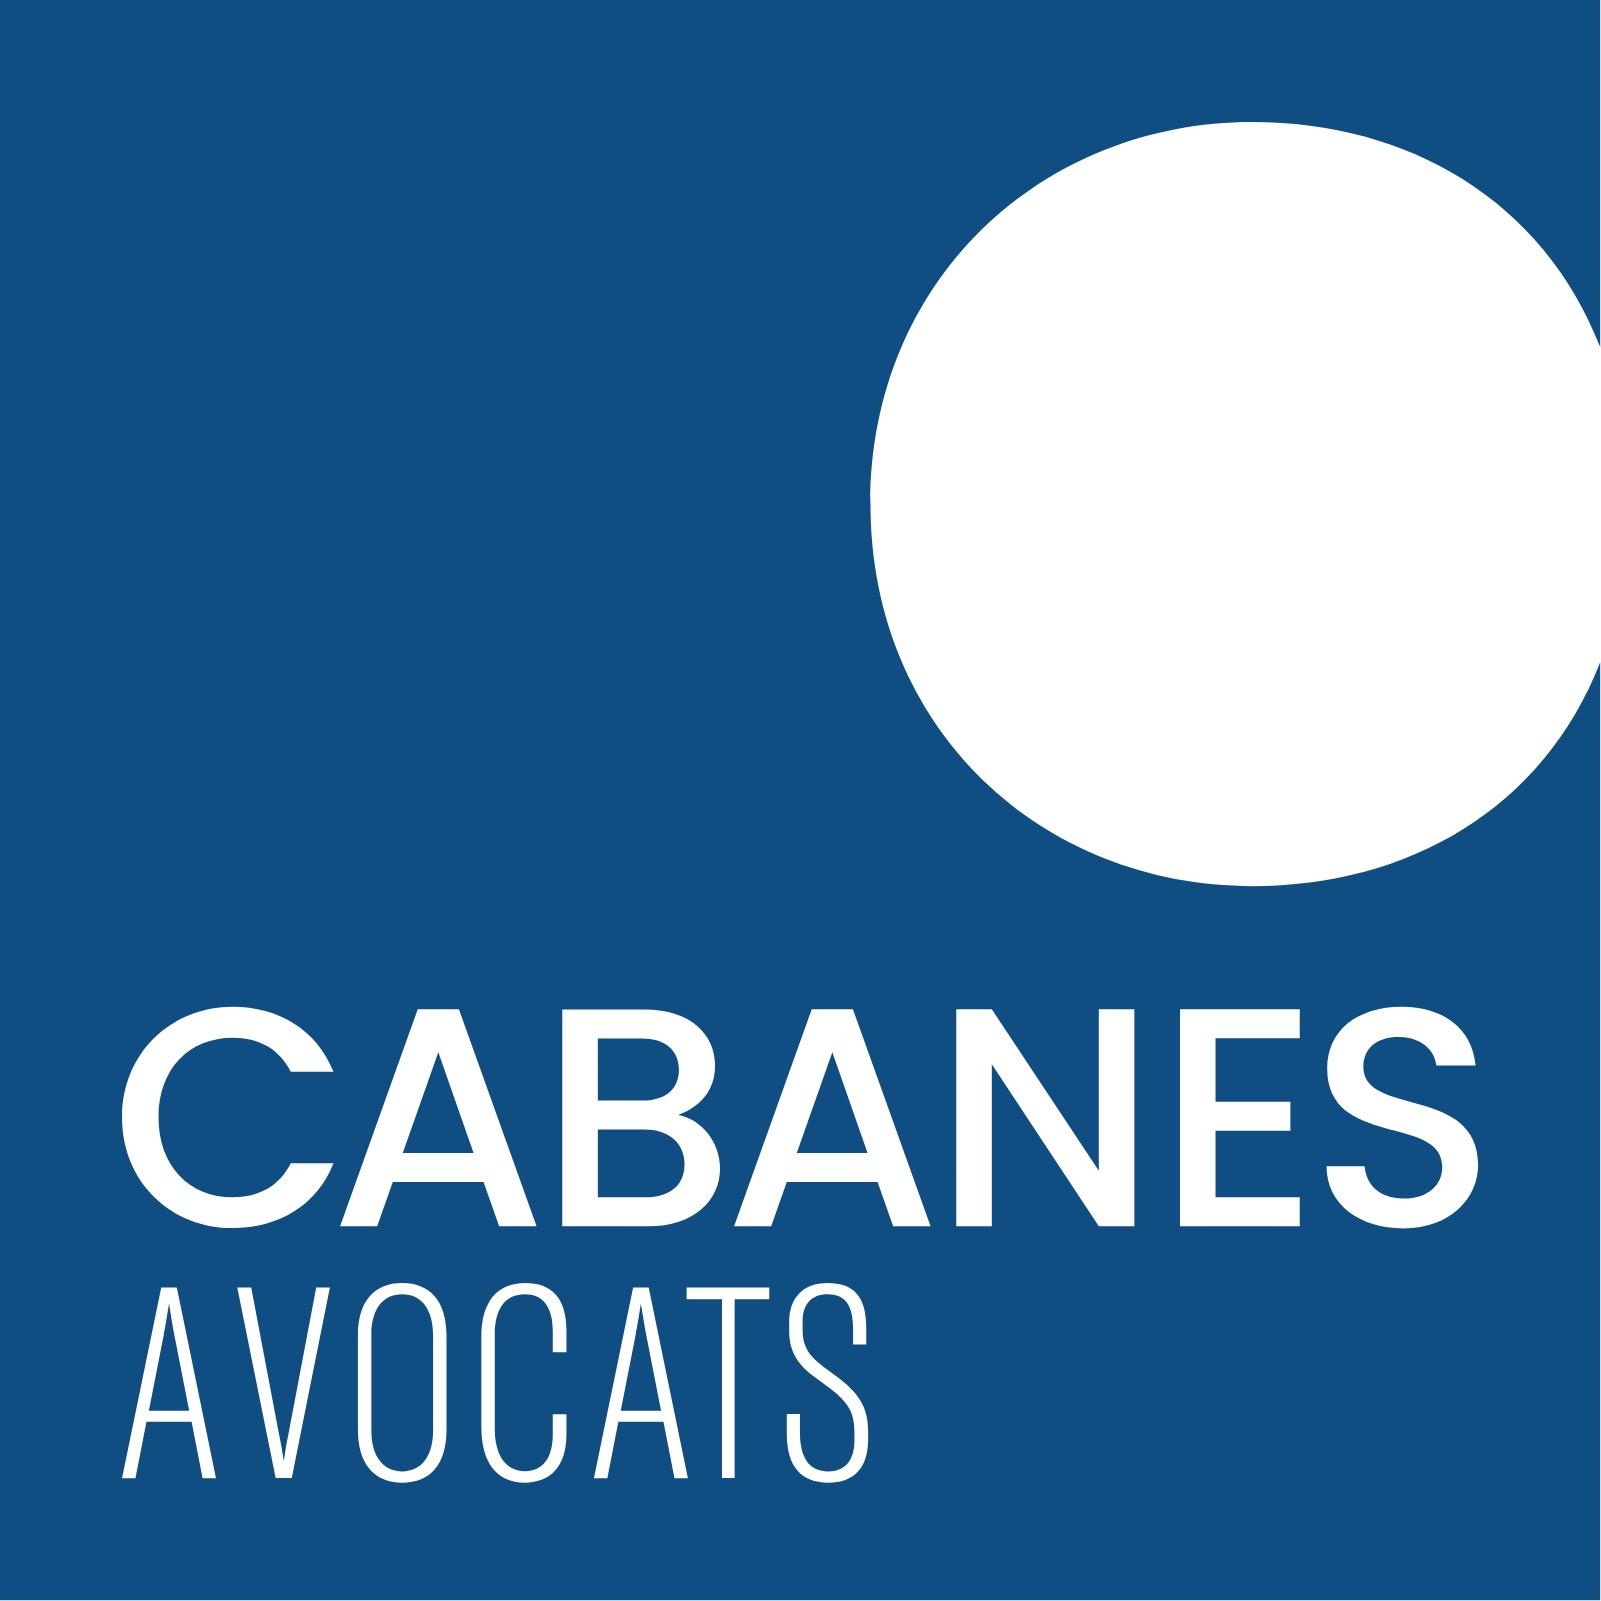 the Cabanes Avocats logo.